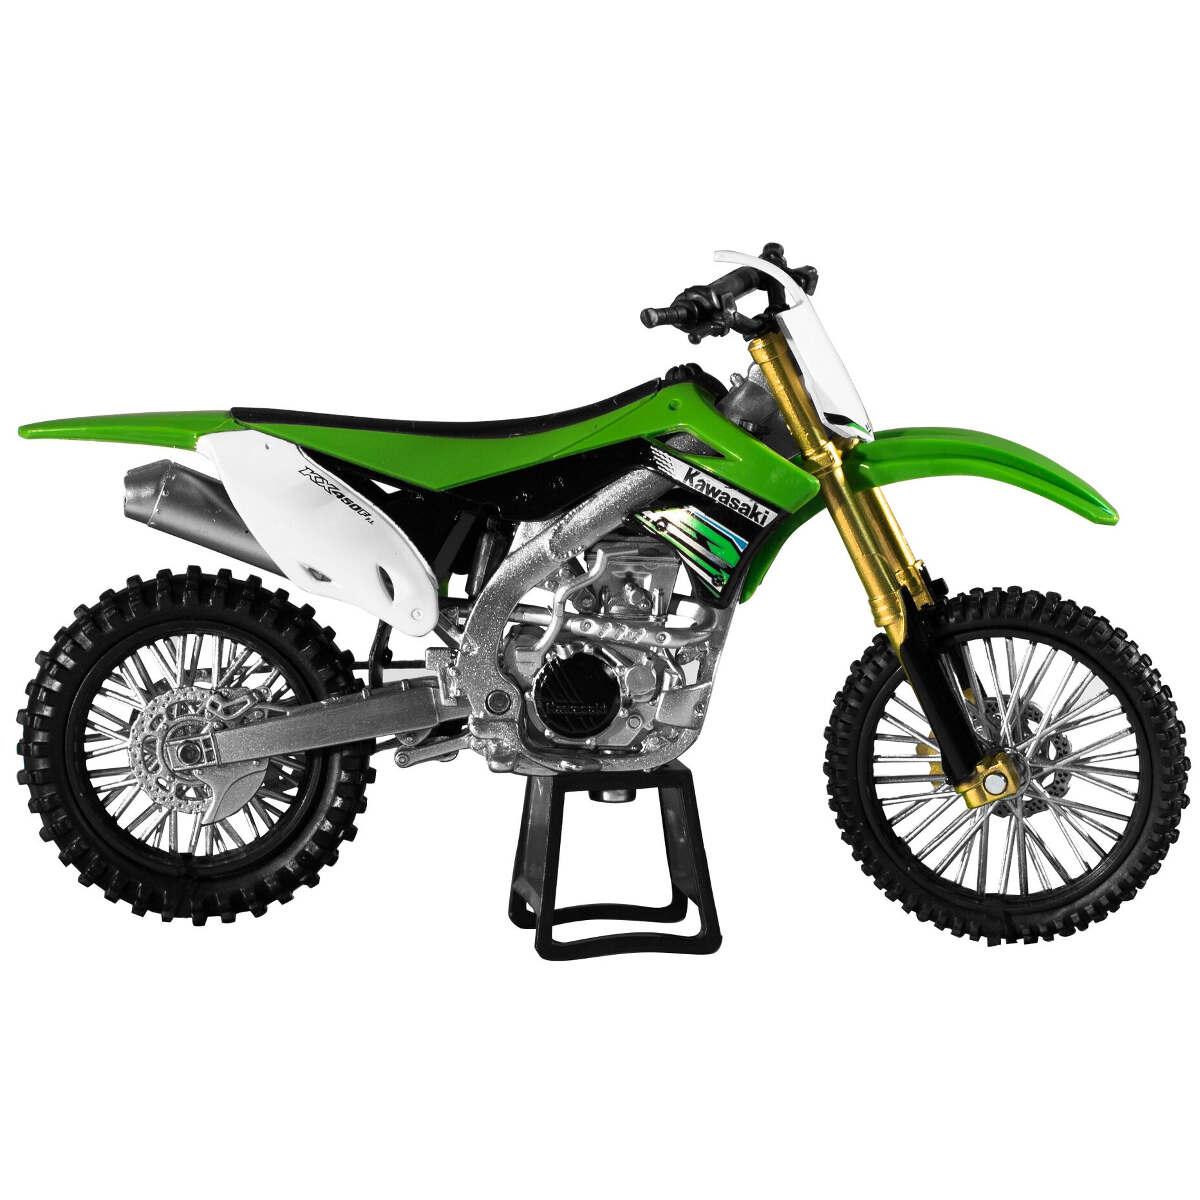 Miniatuur Motorradmodell Kawasaki 1:6